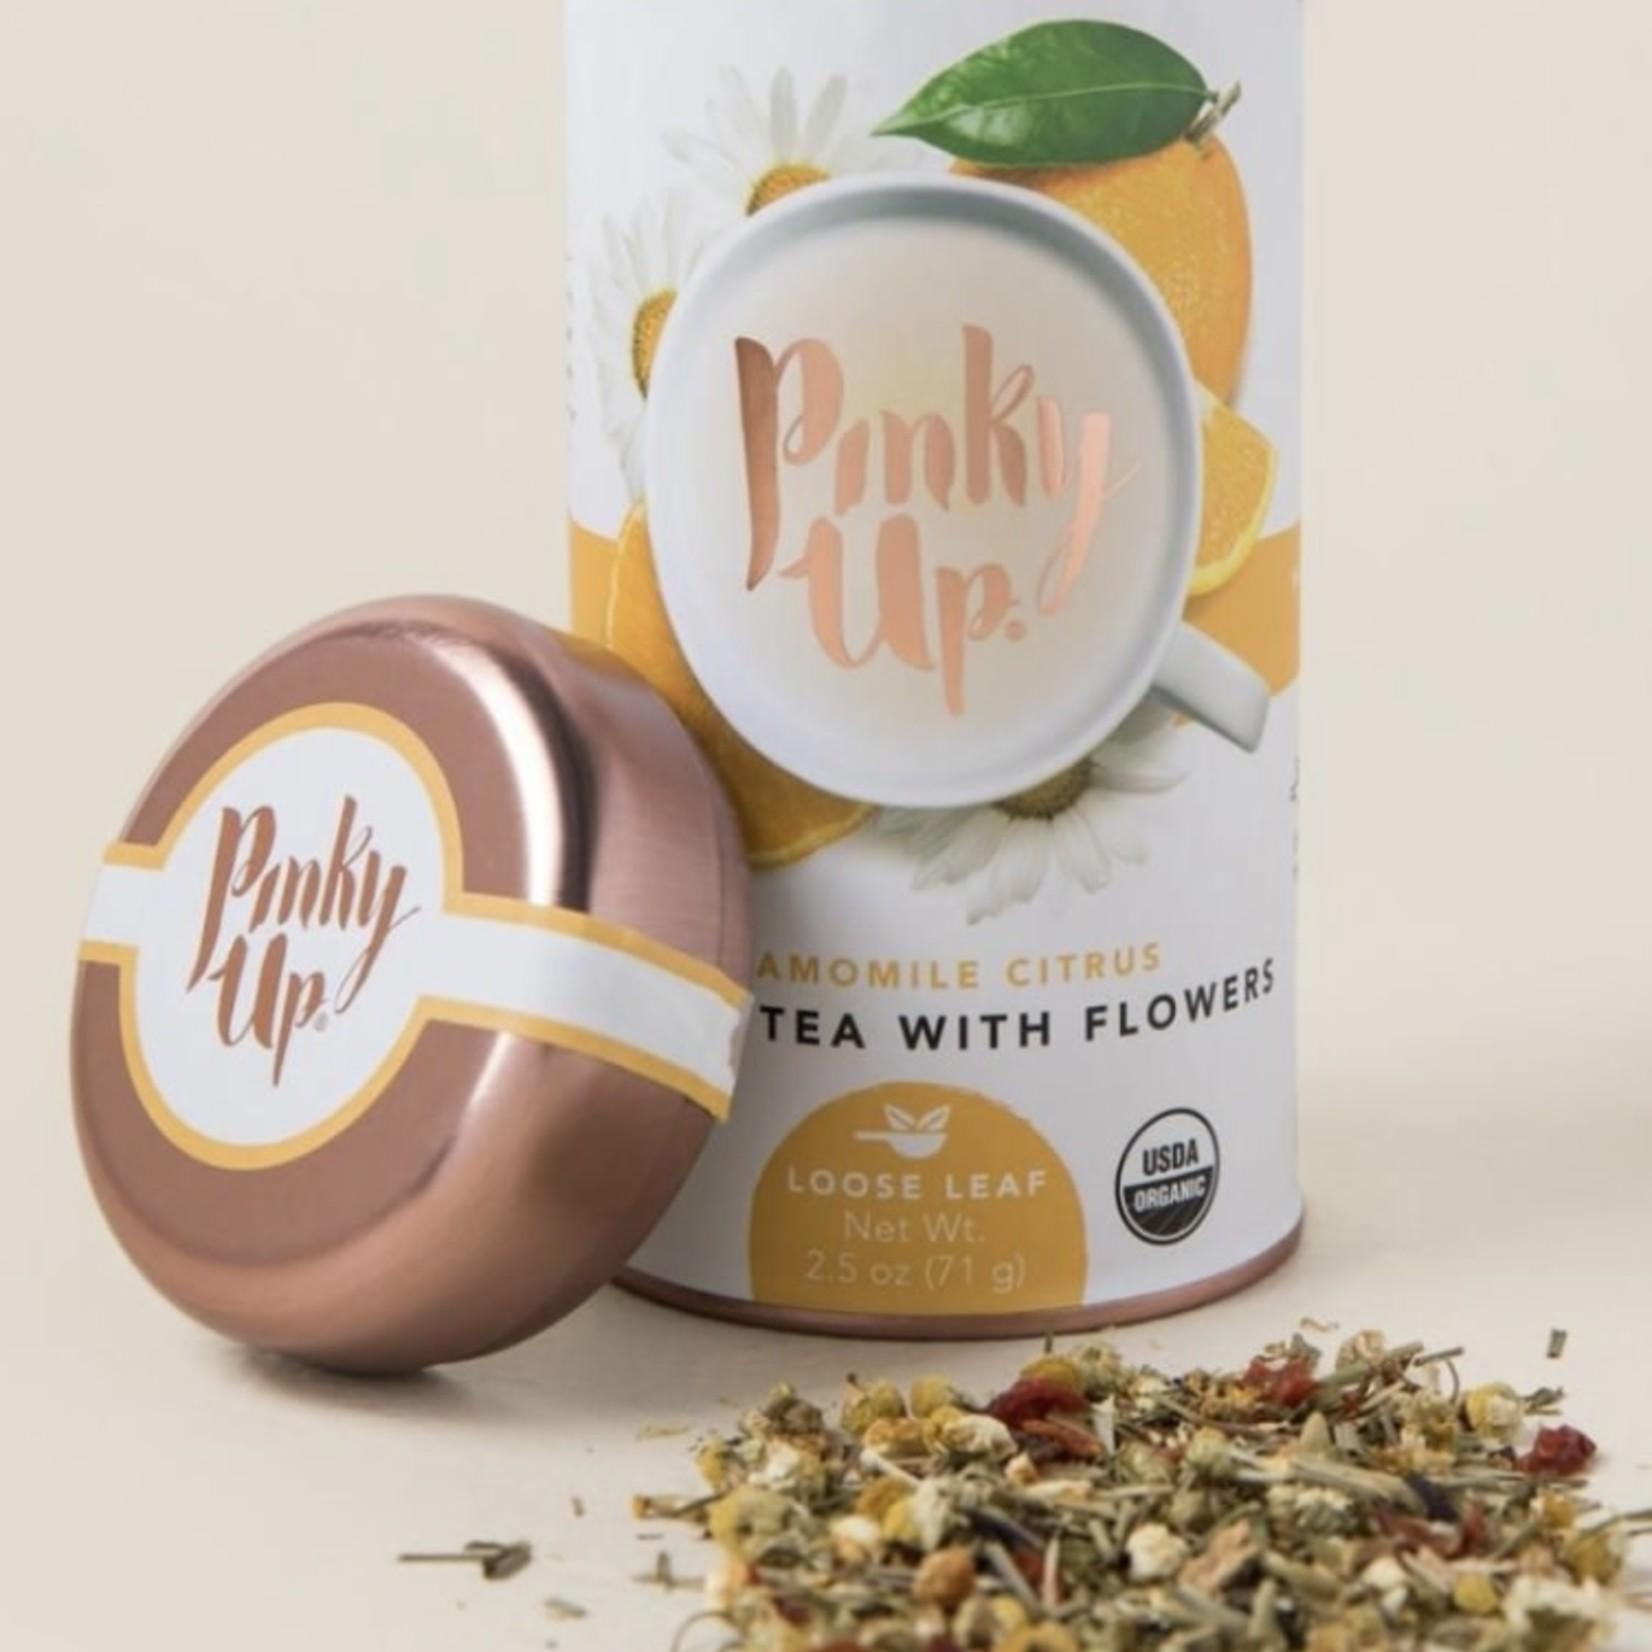 Pinky Up Loose Leaf Tea Tins